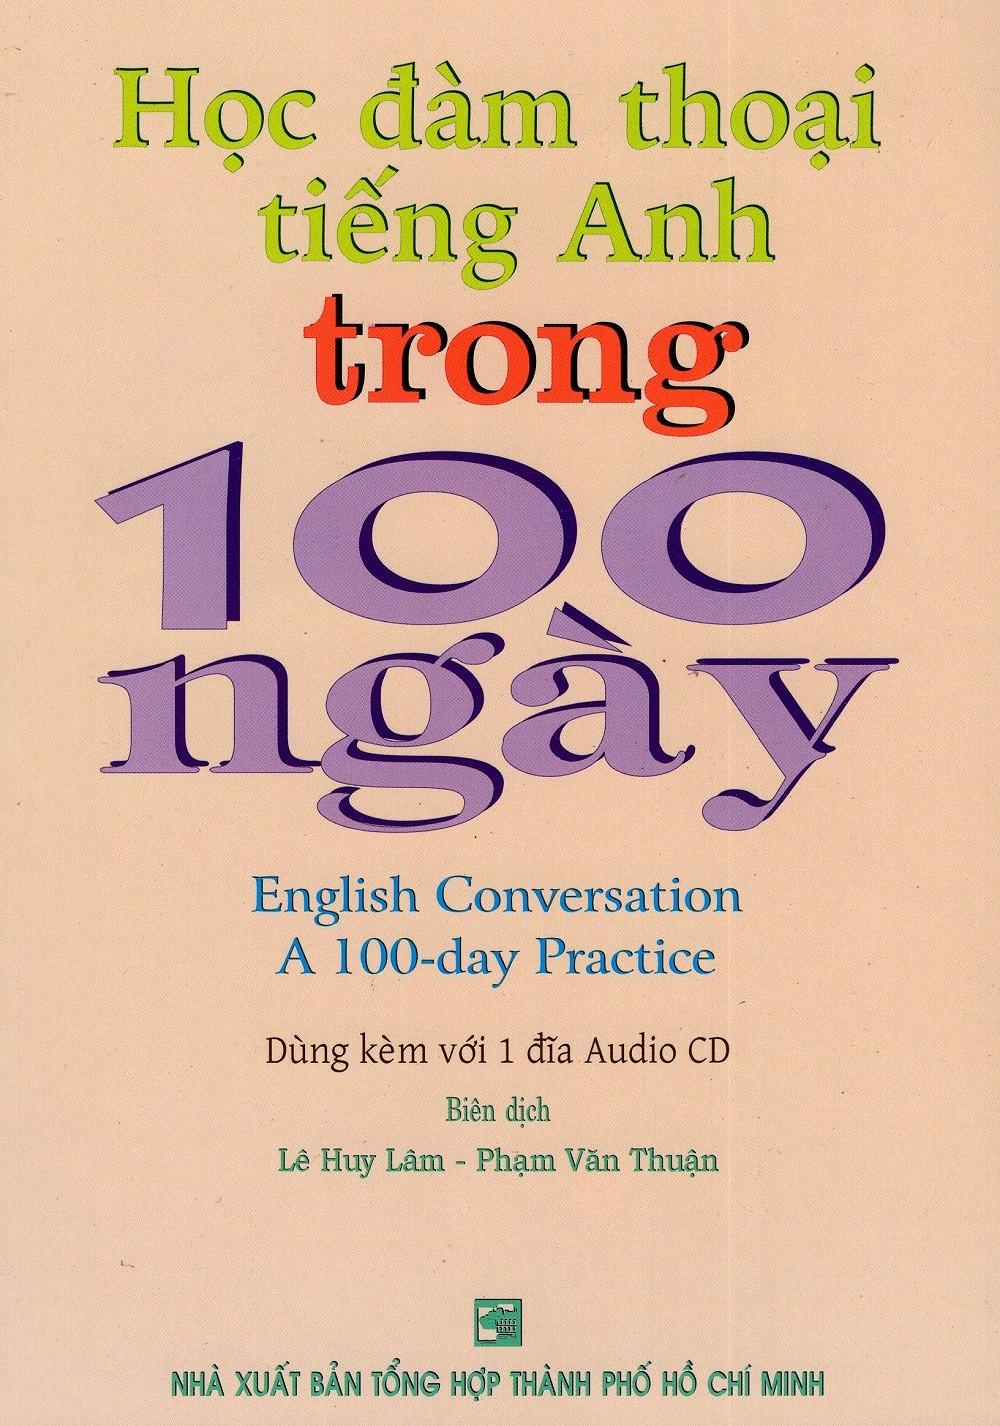 Học Đàm Thoại Tiếng Anh Trong 100 Ngày - English Conversation A 100-Day Practice